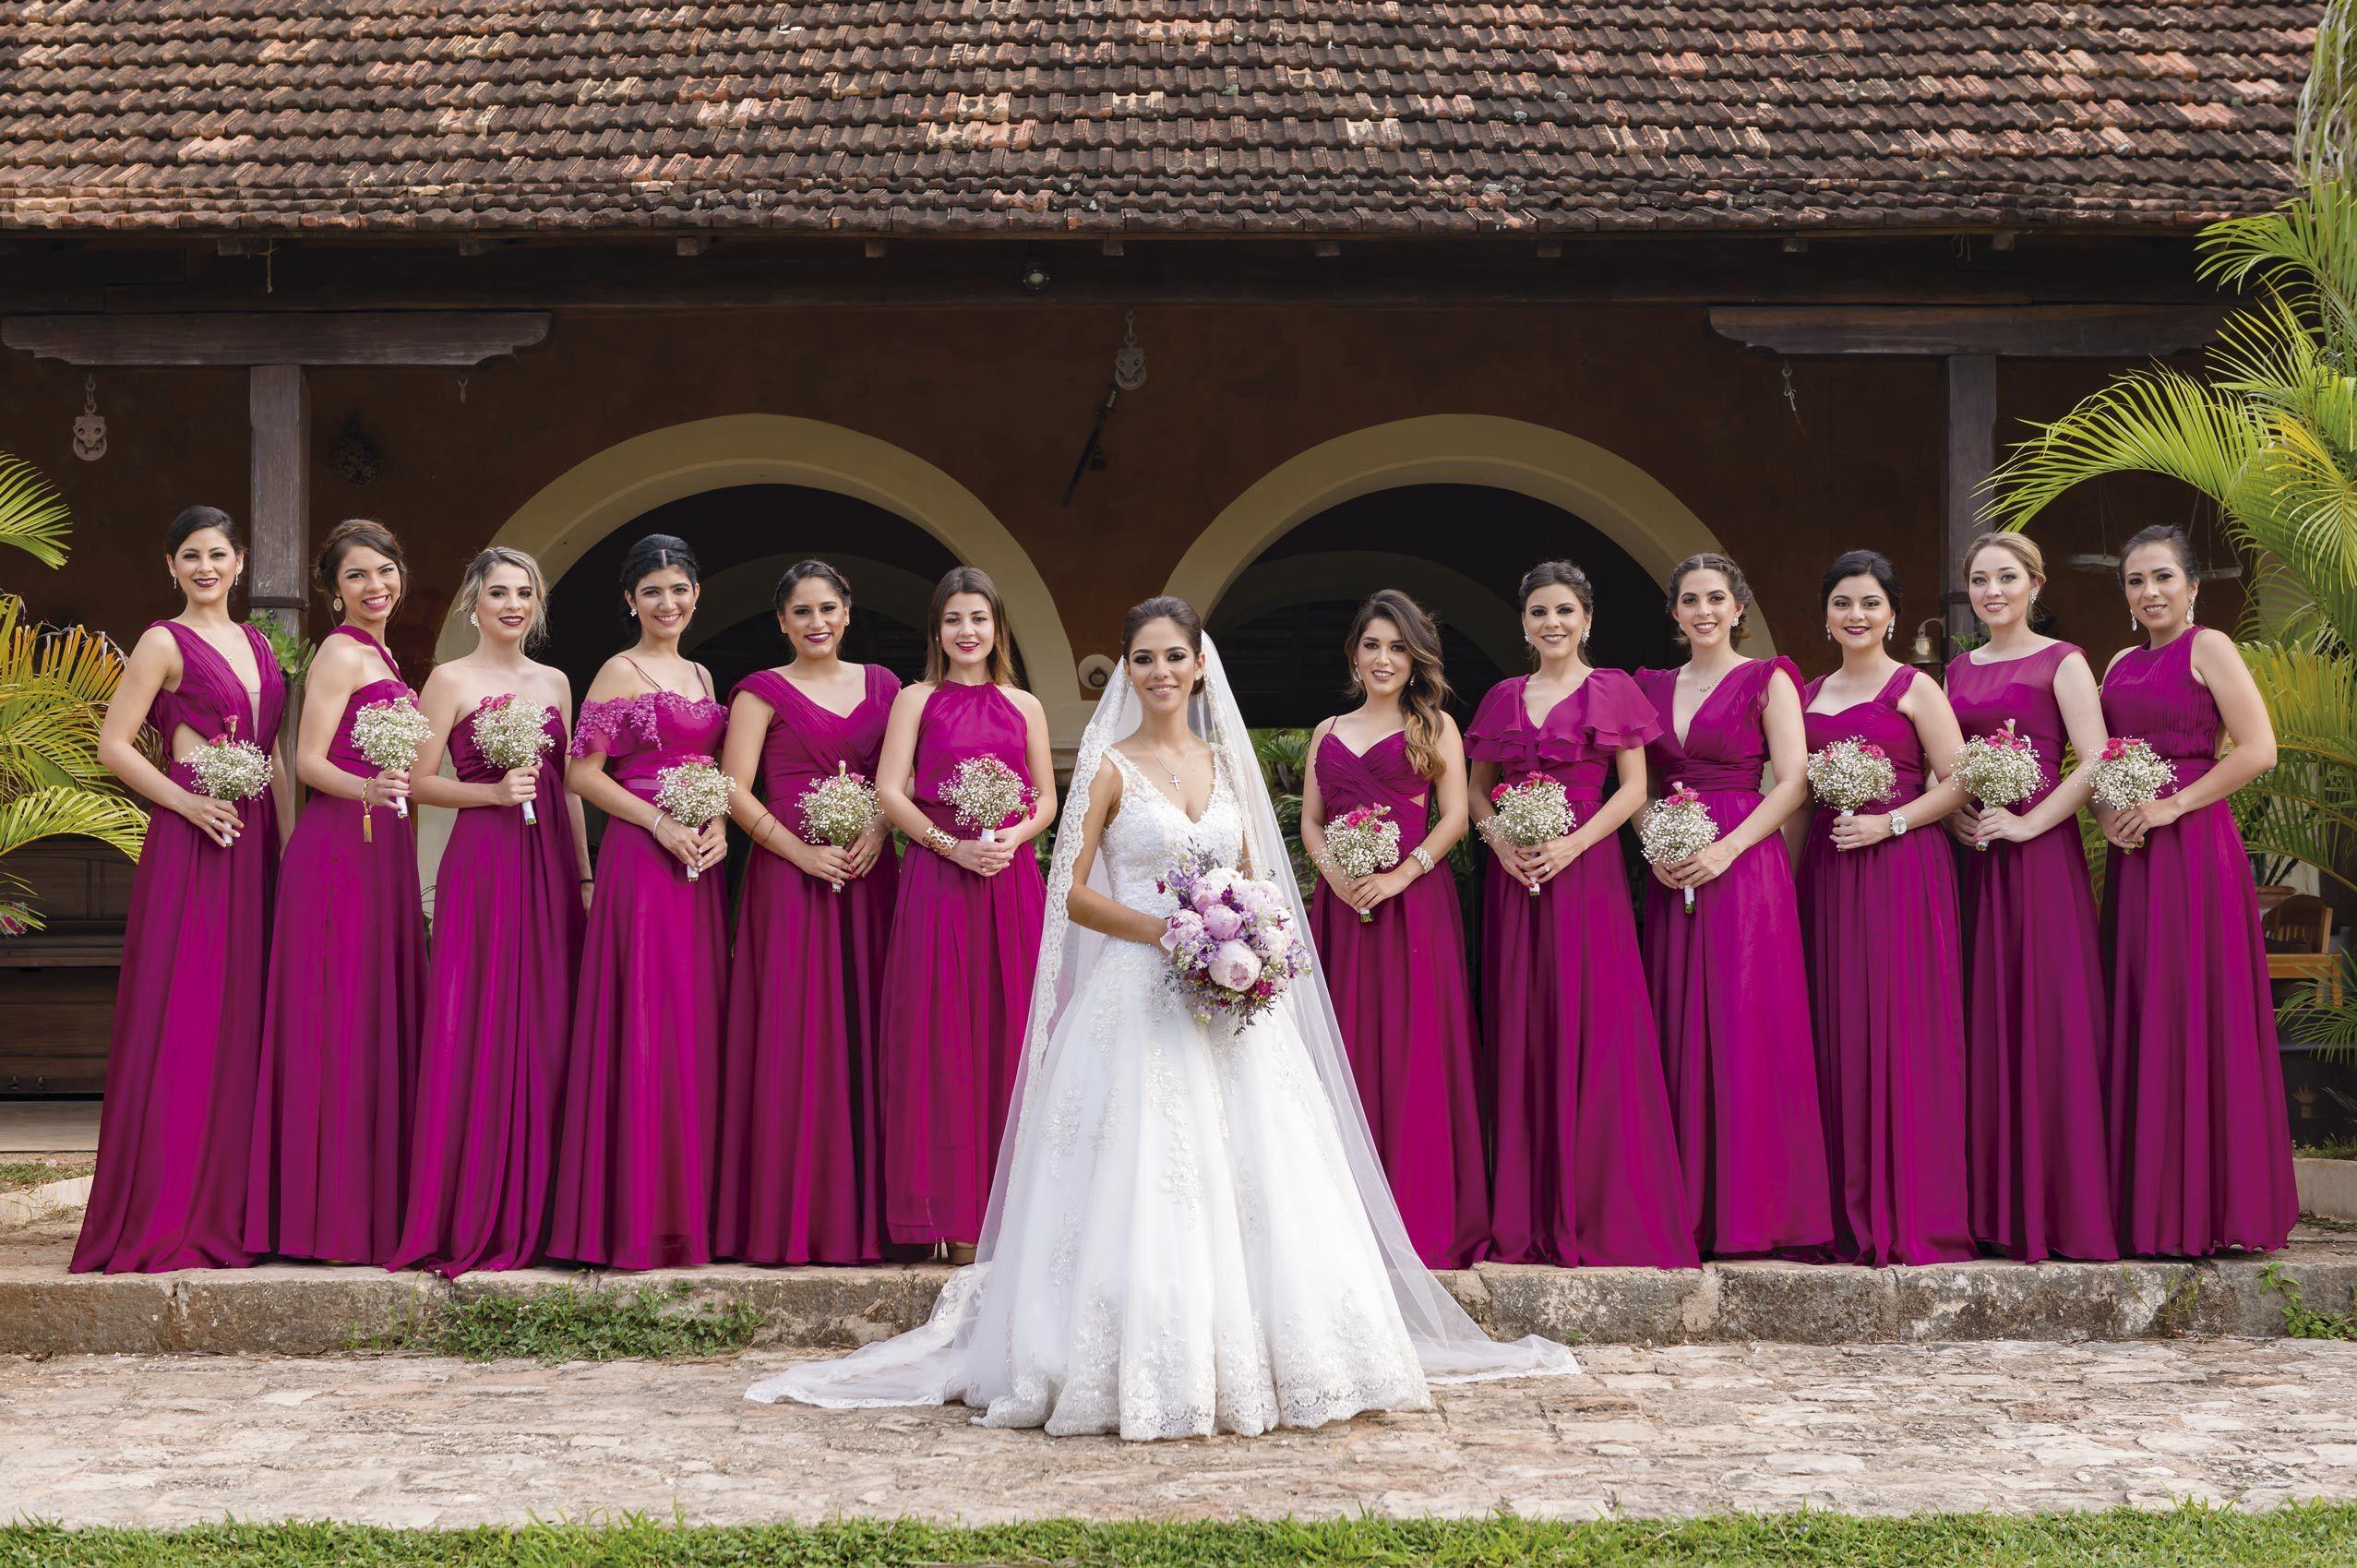 Elegir El Color Para Los Vestidos De Tus Damas Puede Ser